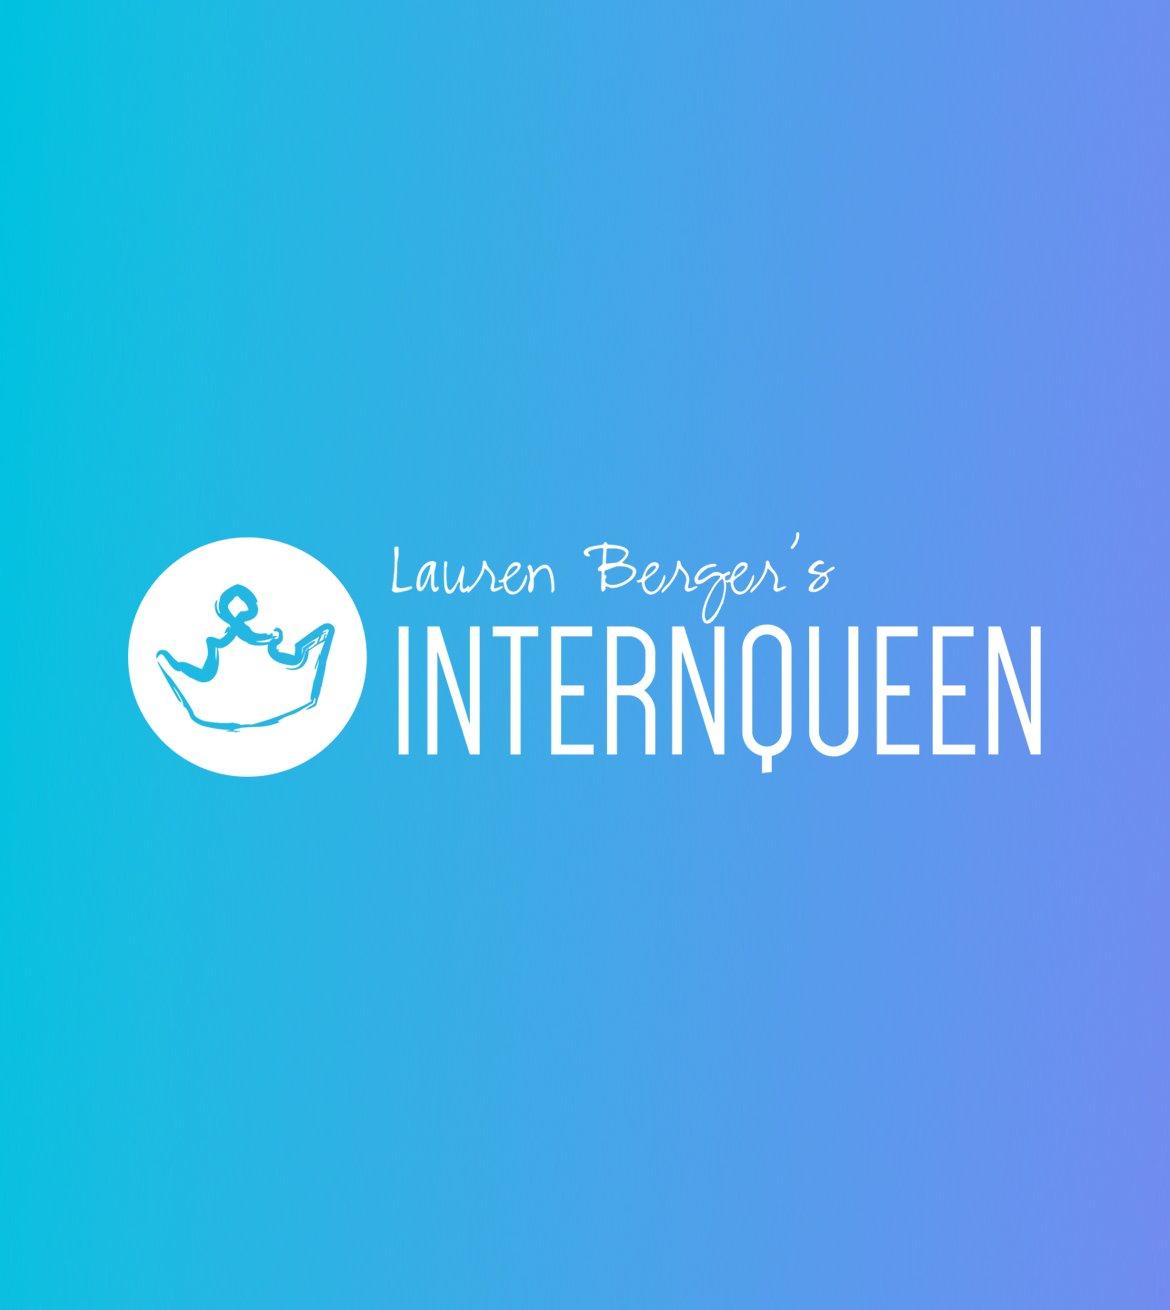 Intern Queen 2016